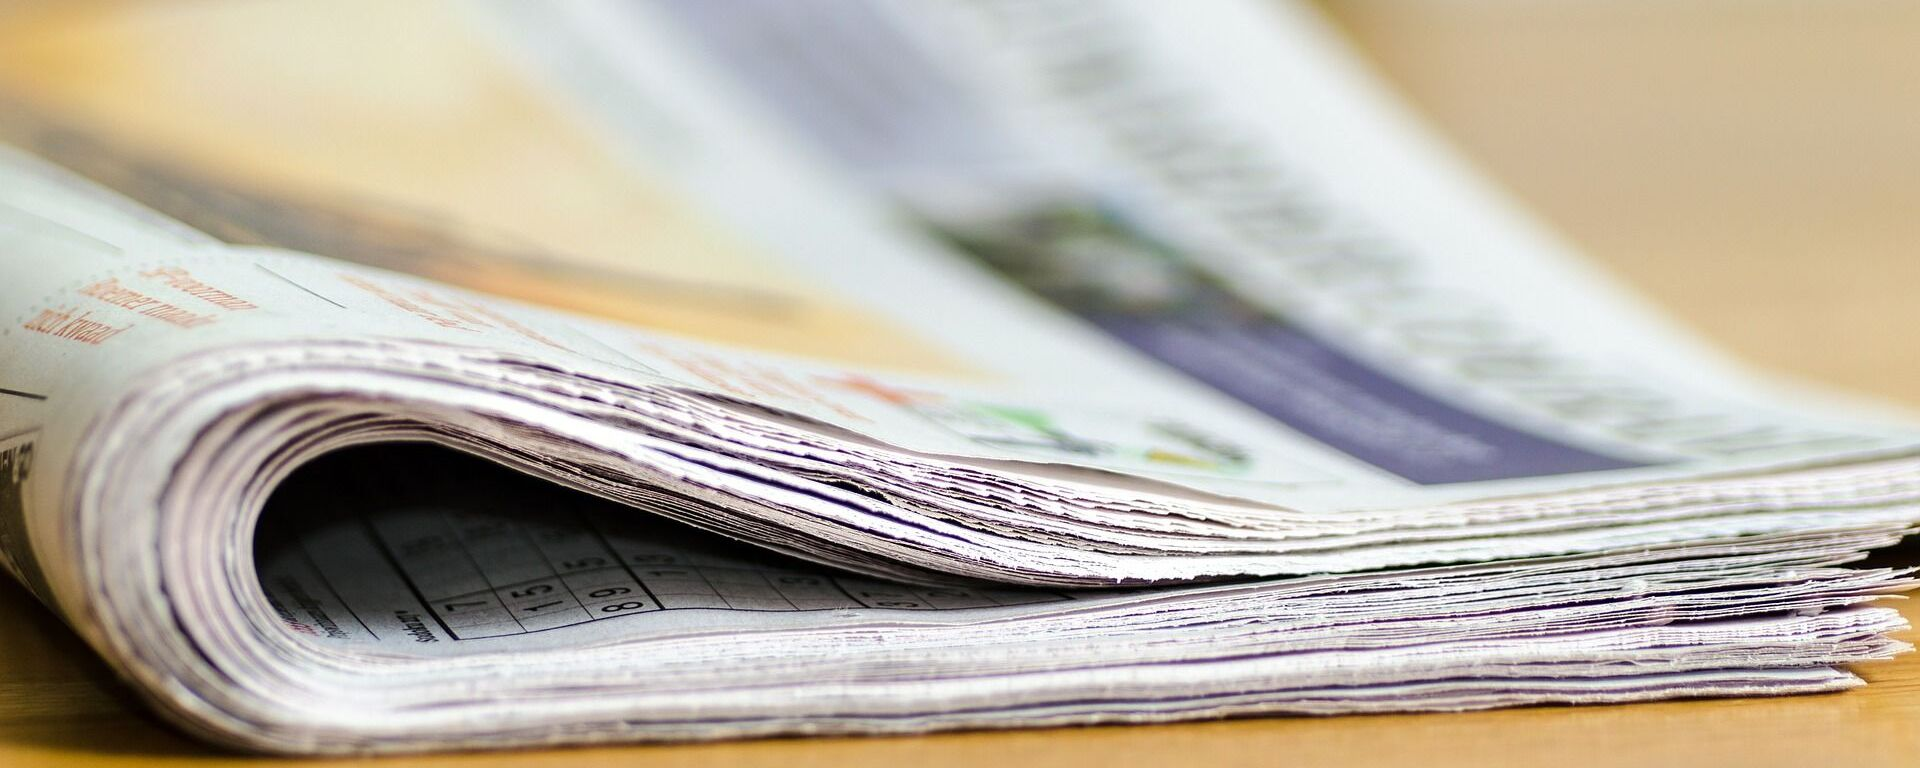 Un diario, periódico. Imagen referencial - Sputnik Mundo, 1920, 14.07.2021